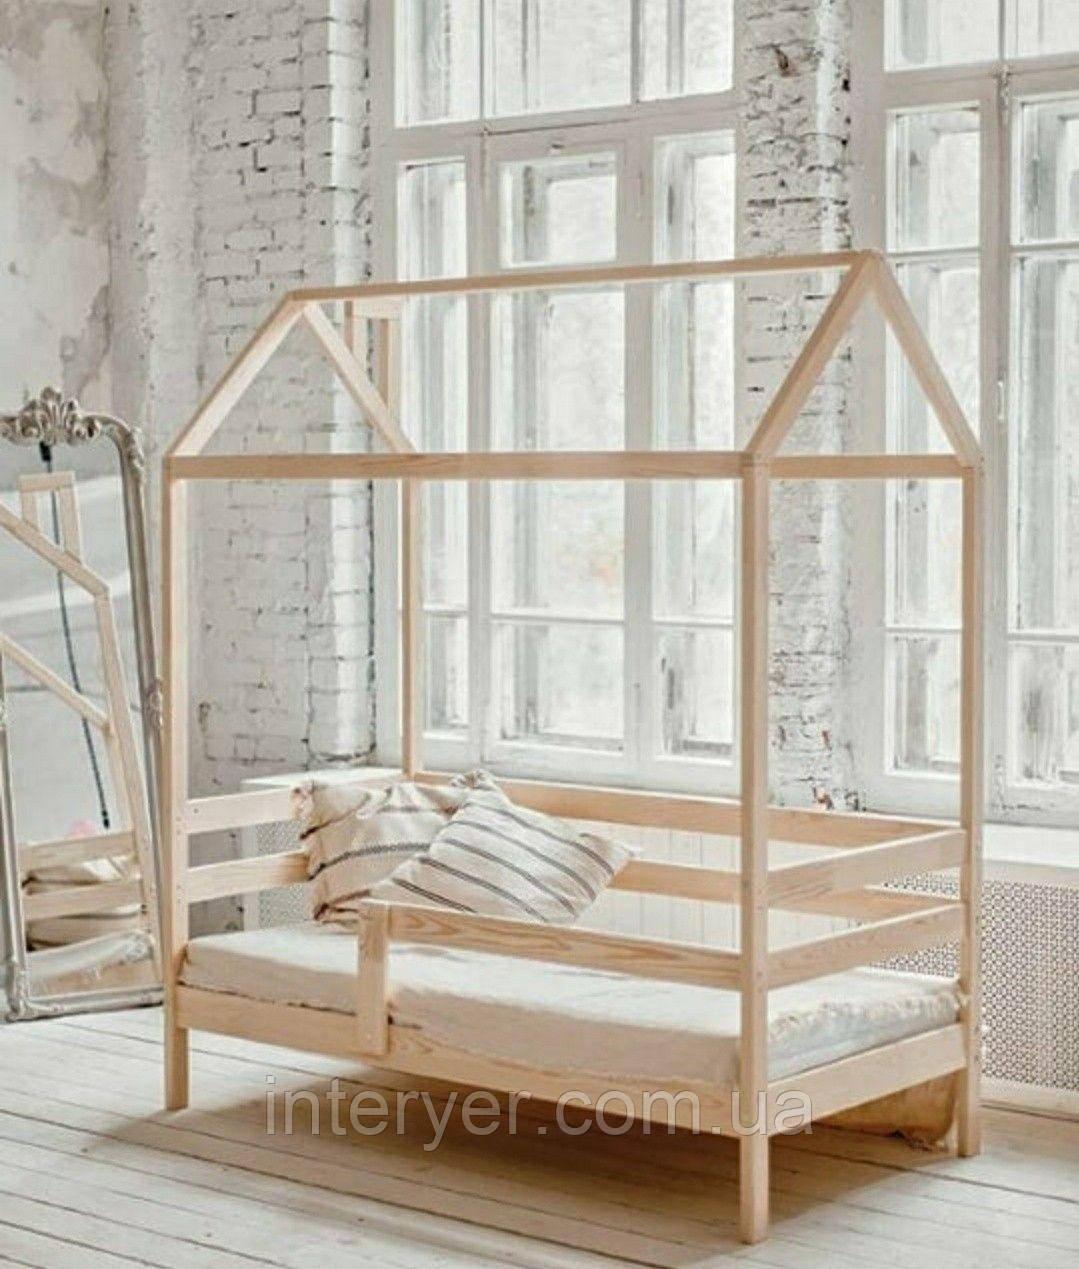 Кровать домик 1600-800